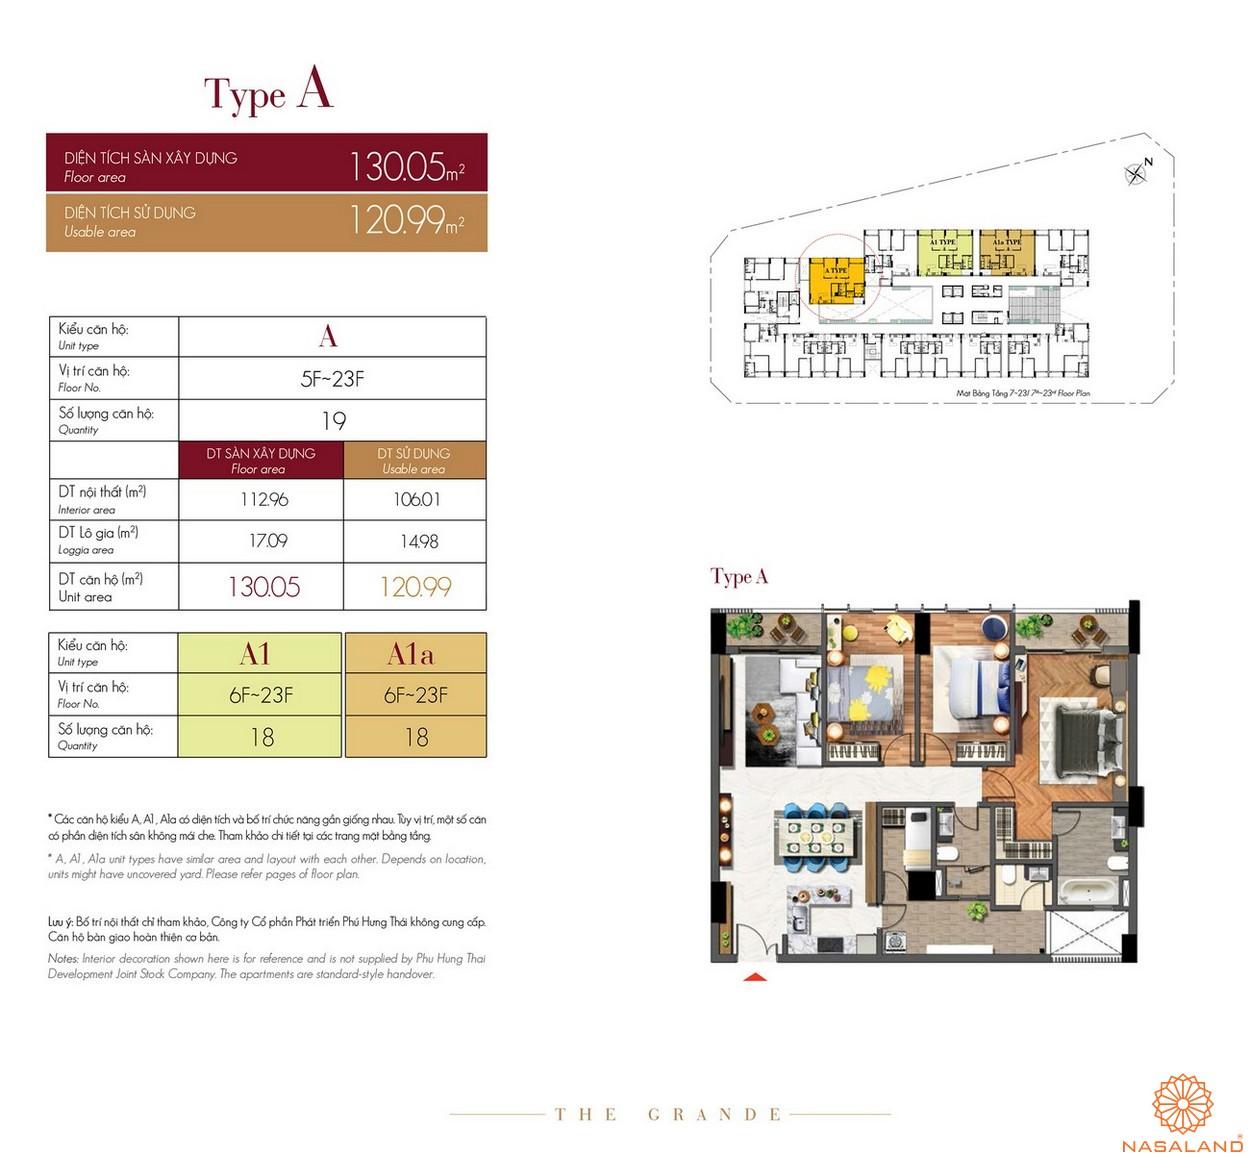 Thiết kế căn hộ Type A dự án The Grande Midtown quận 7